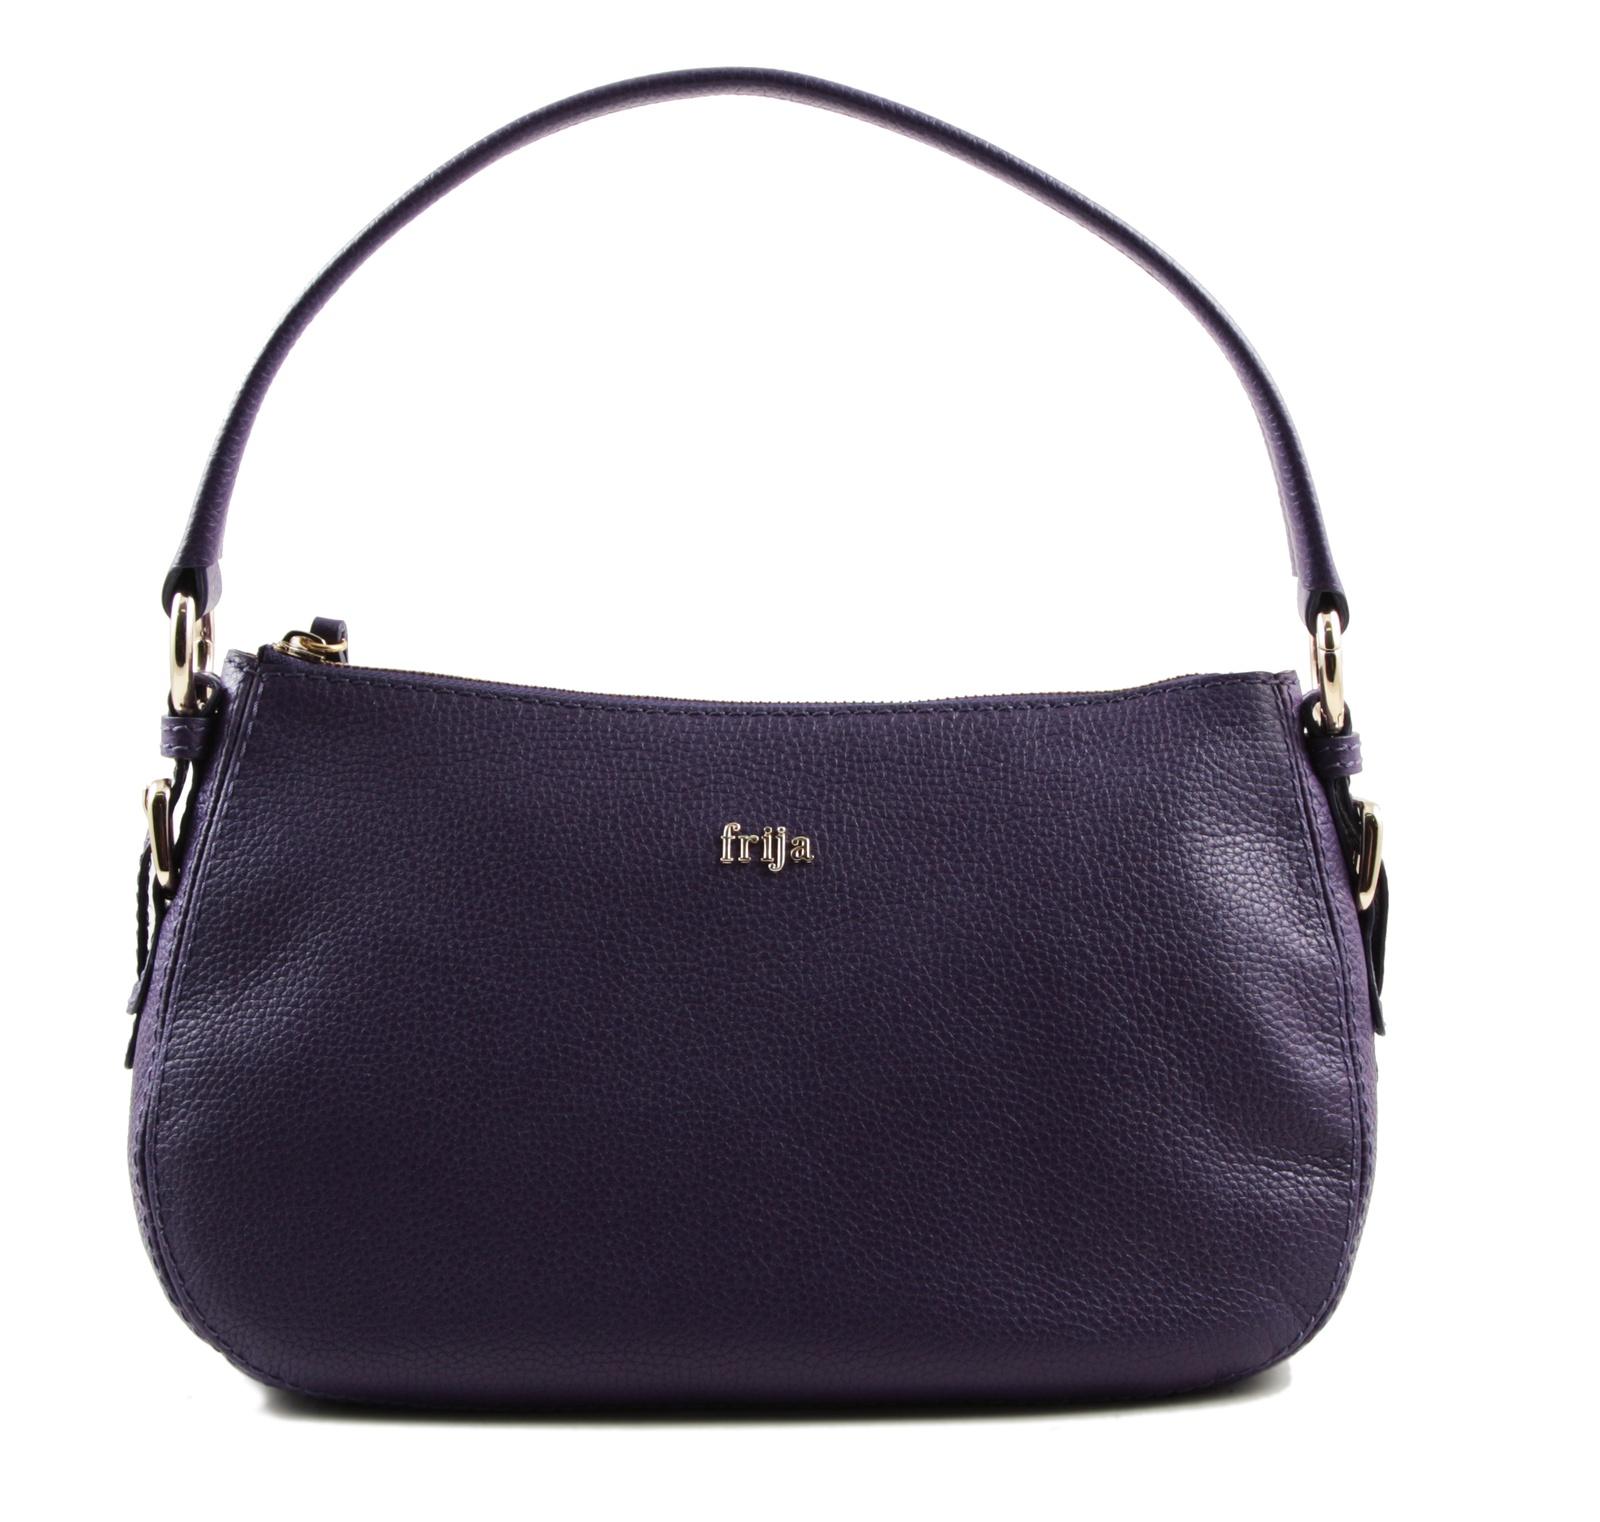 Сумка женская Frija, 21-340-16-002-1 Violet, фиолетовый frija 21 0173 13